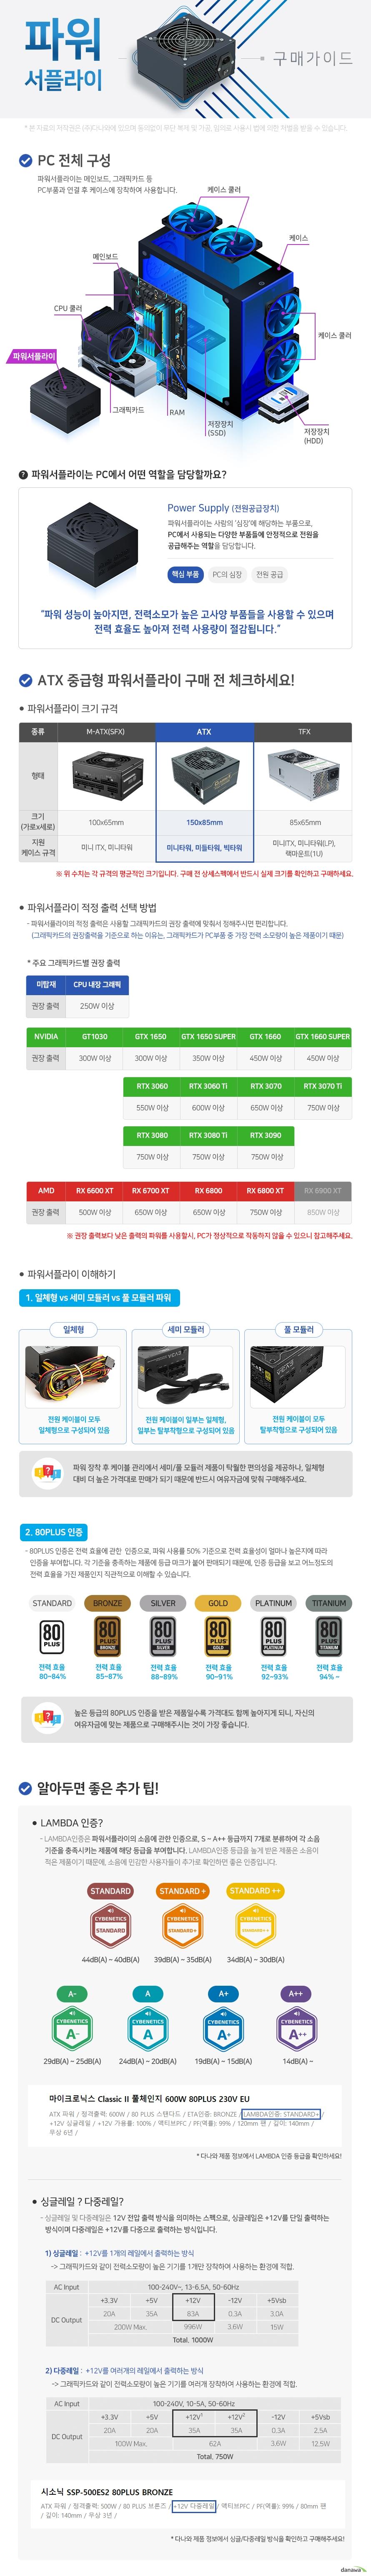 마이크로닉스 COOLMAX ELITE 500W HDB